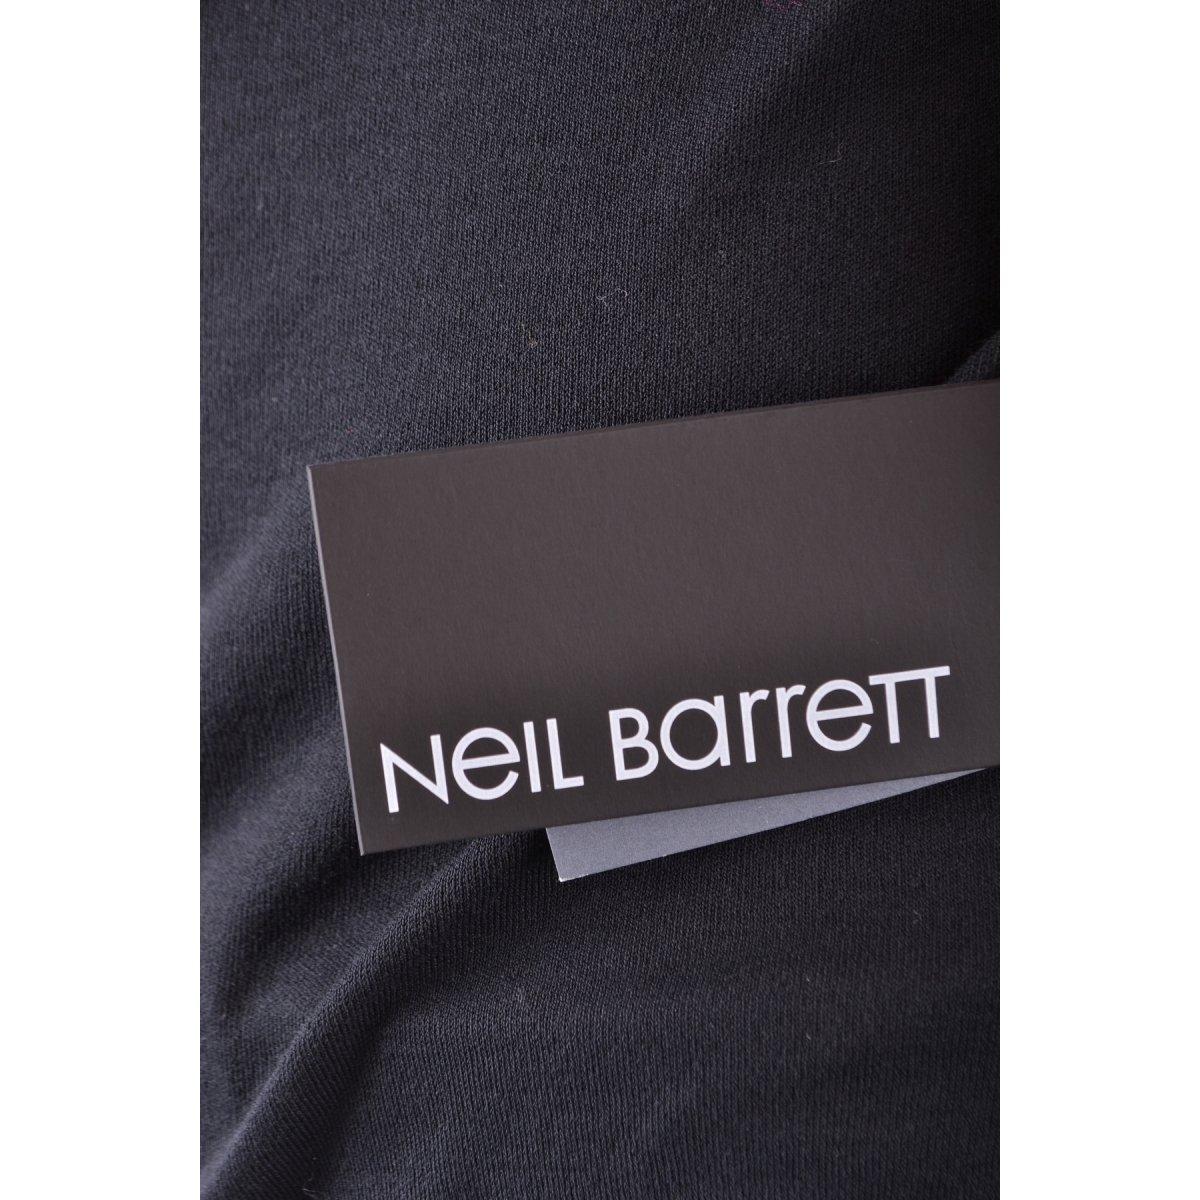 Neil Barrett T-Shirt Black by Neil Barrett (Image #5)